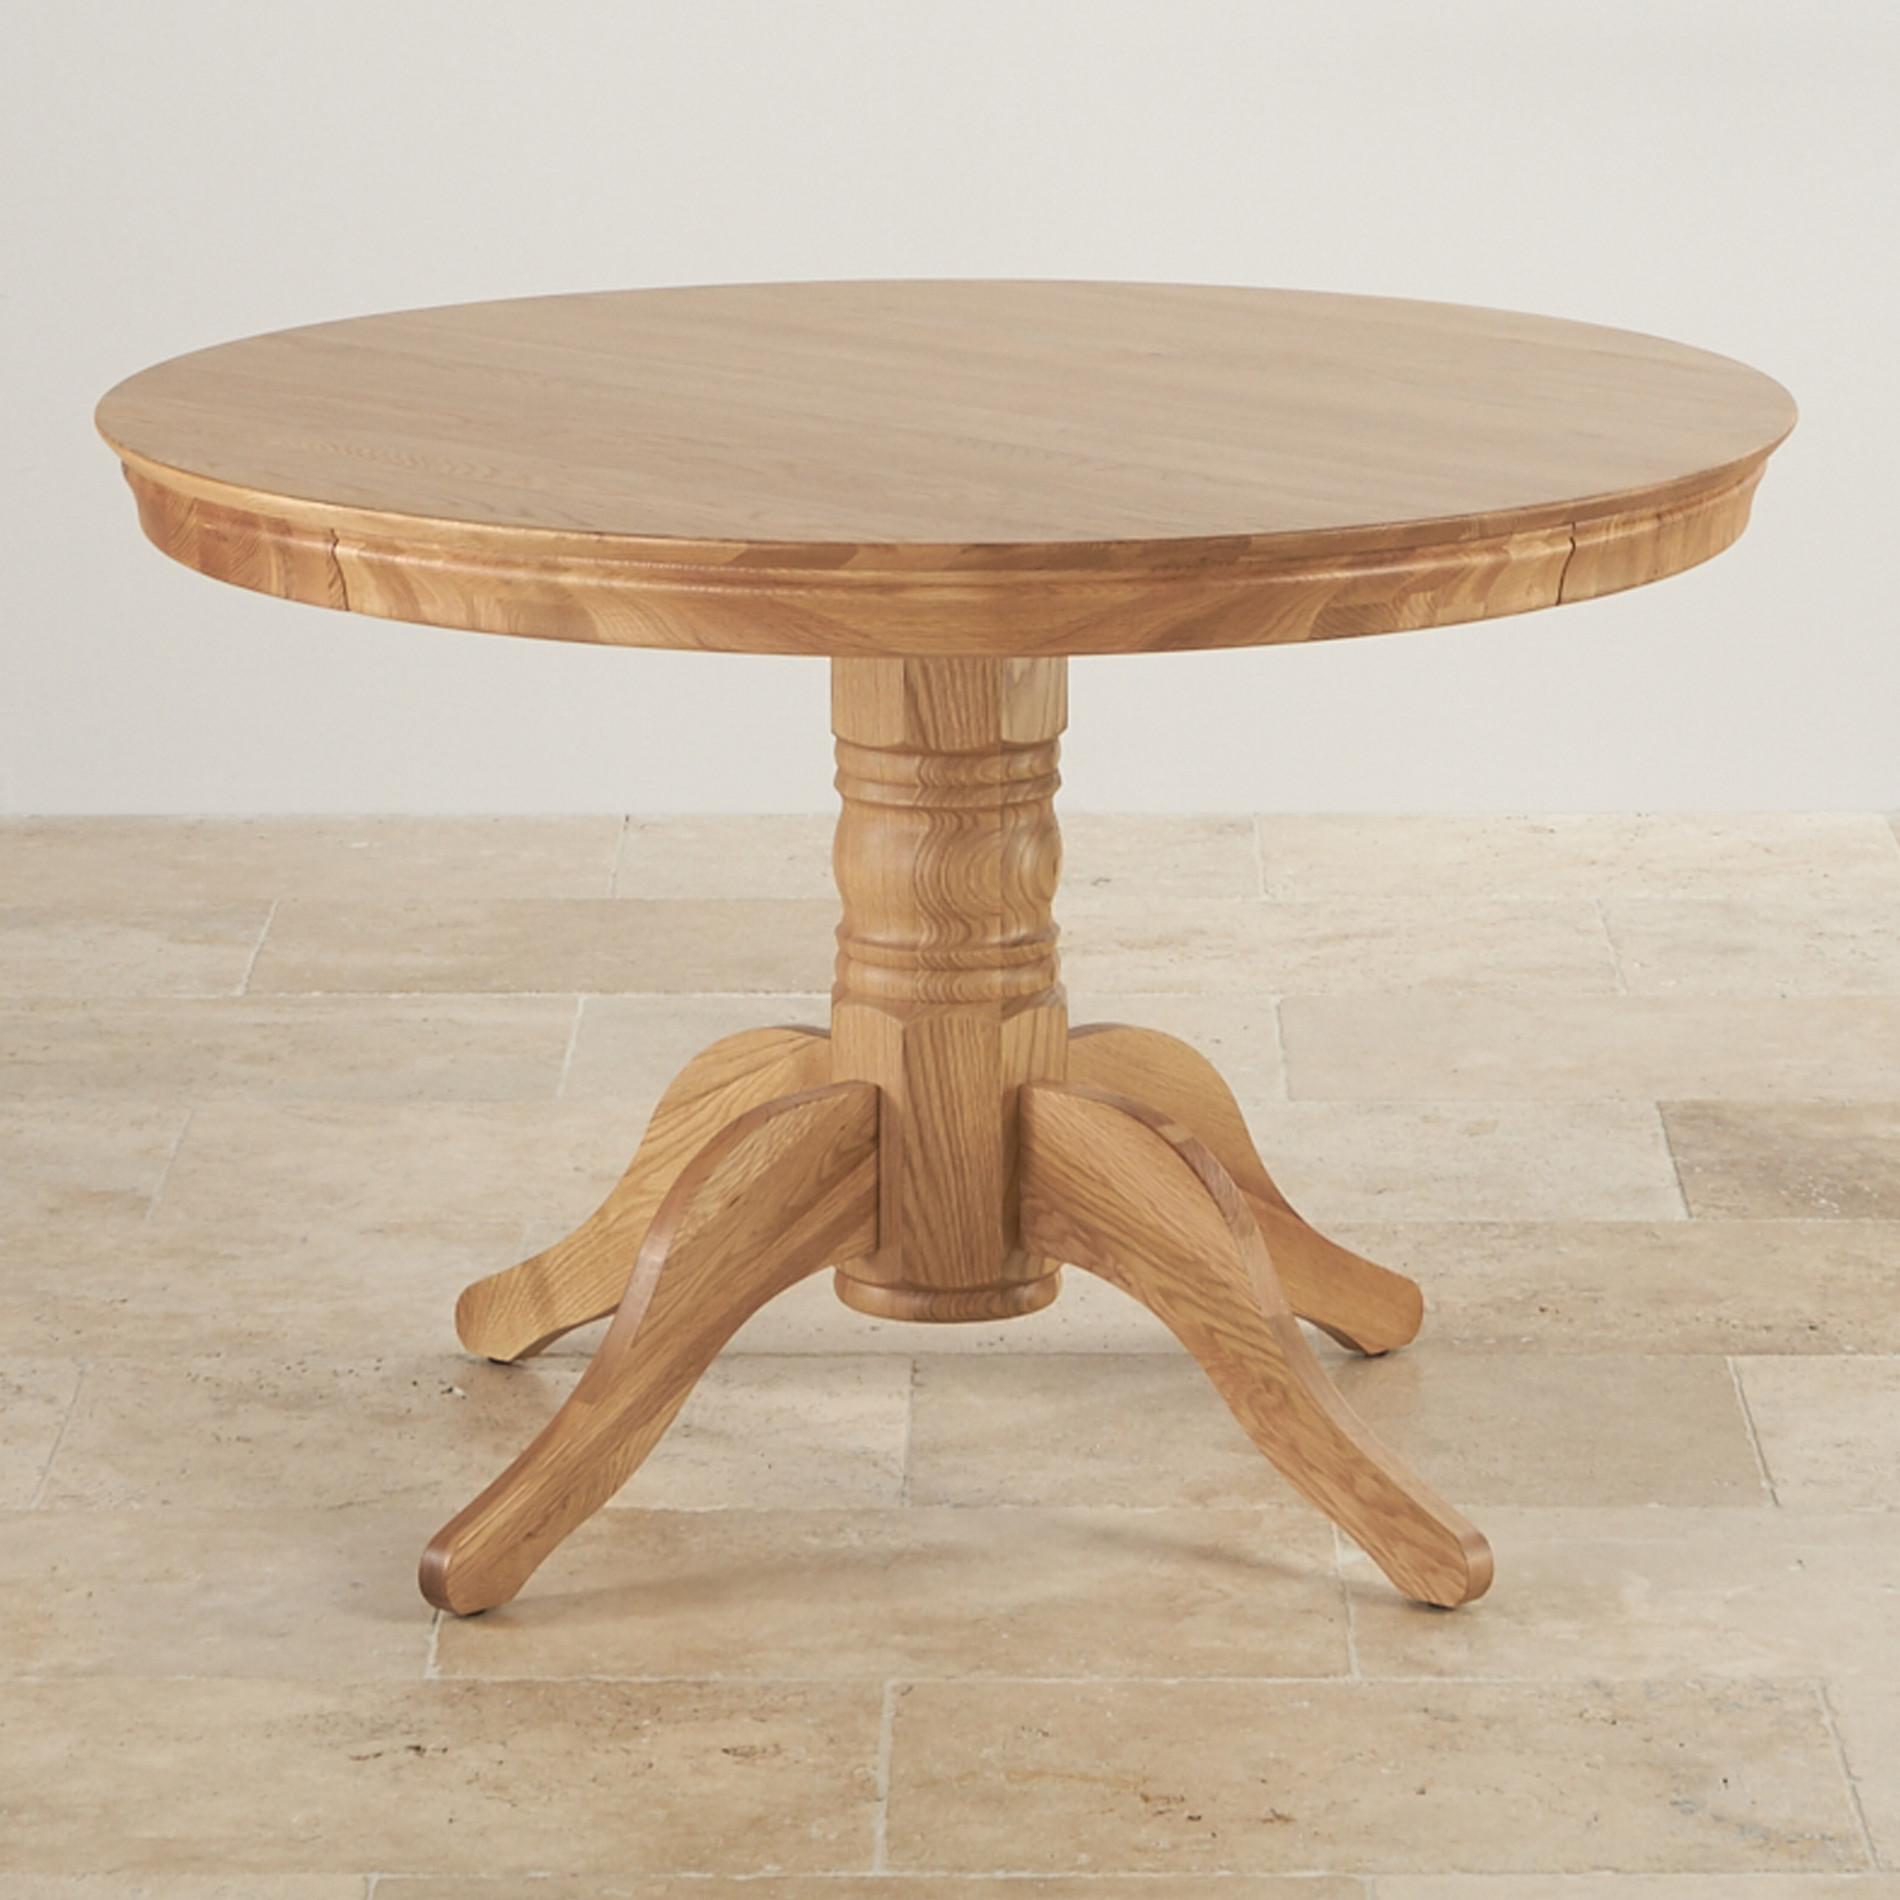 4ft Pedestal Round Table in Natural Oak  Oak Furniture Land